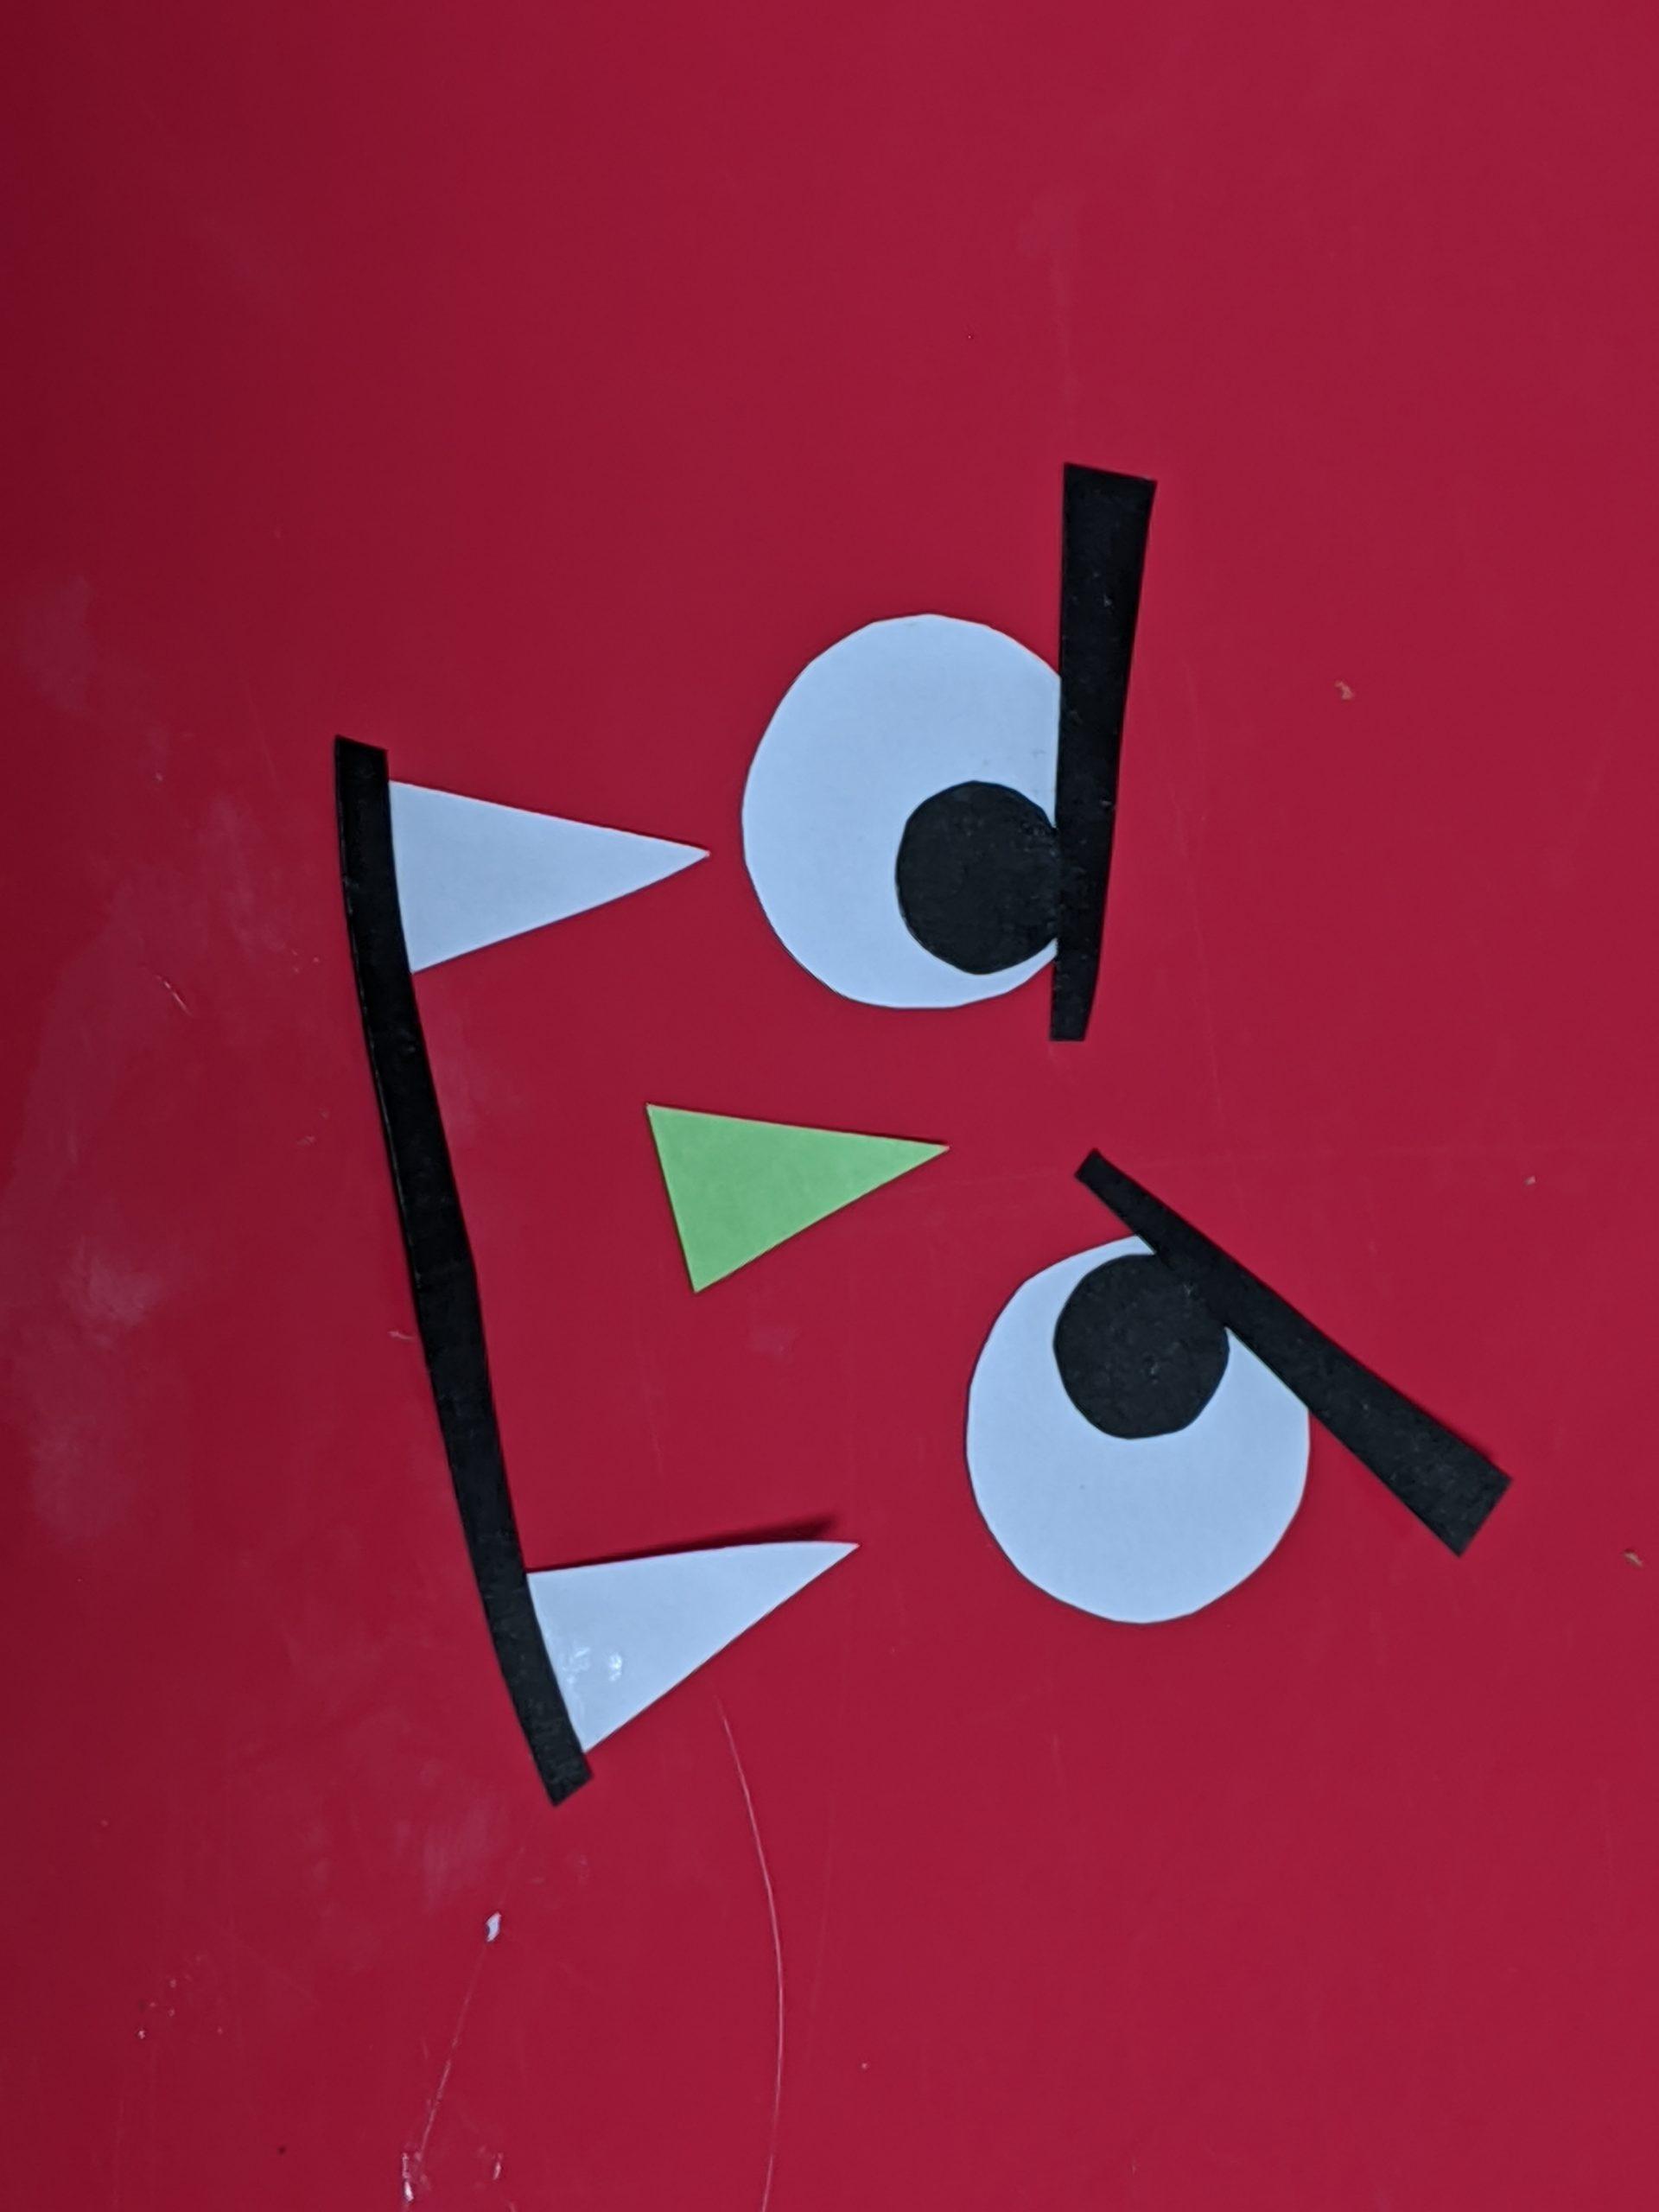 画用紙できった鬼の顔部分